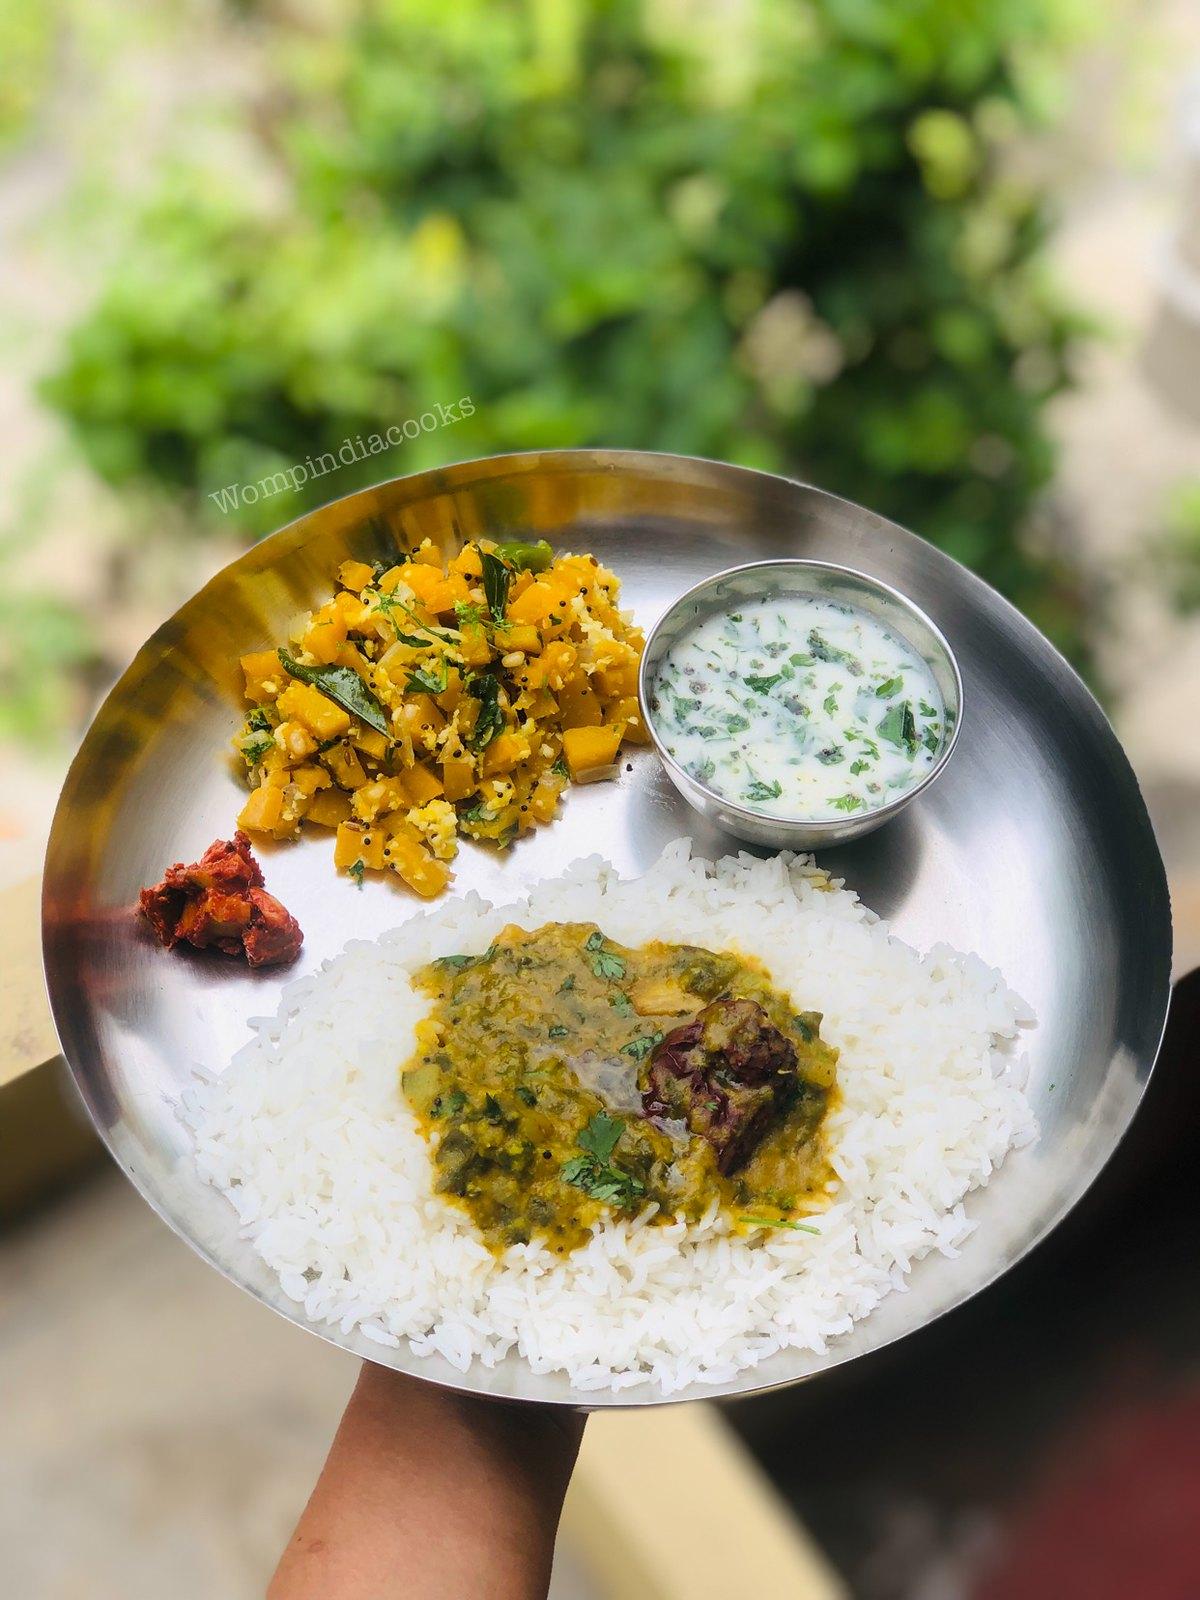 Palakura Pappu |Tasty Palak Dal |Spinach Dal Recipe